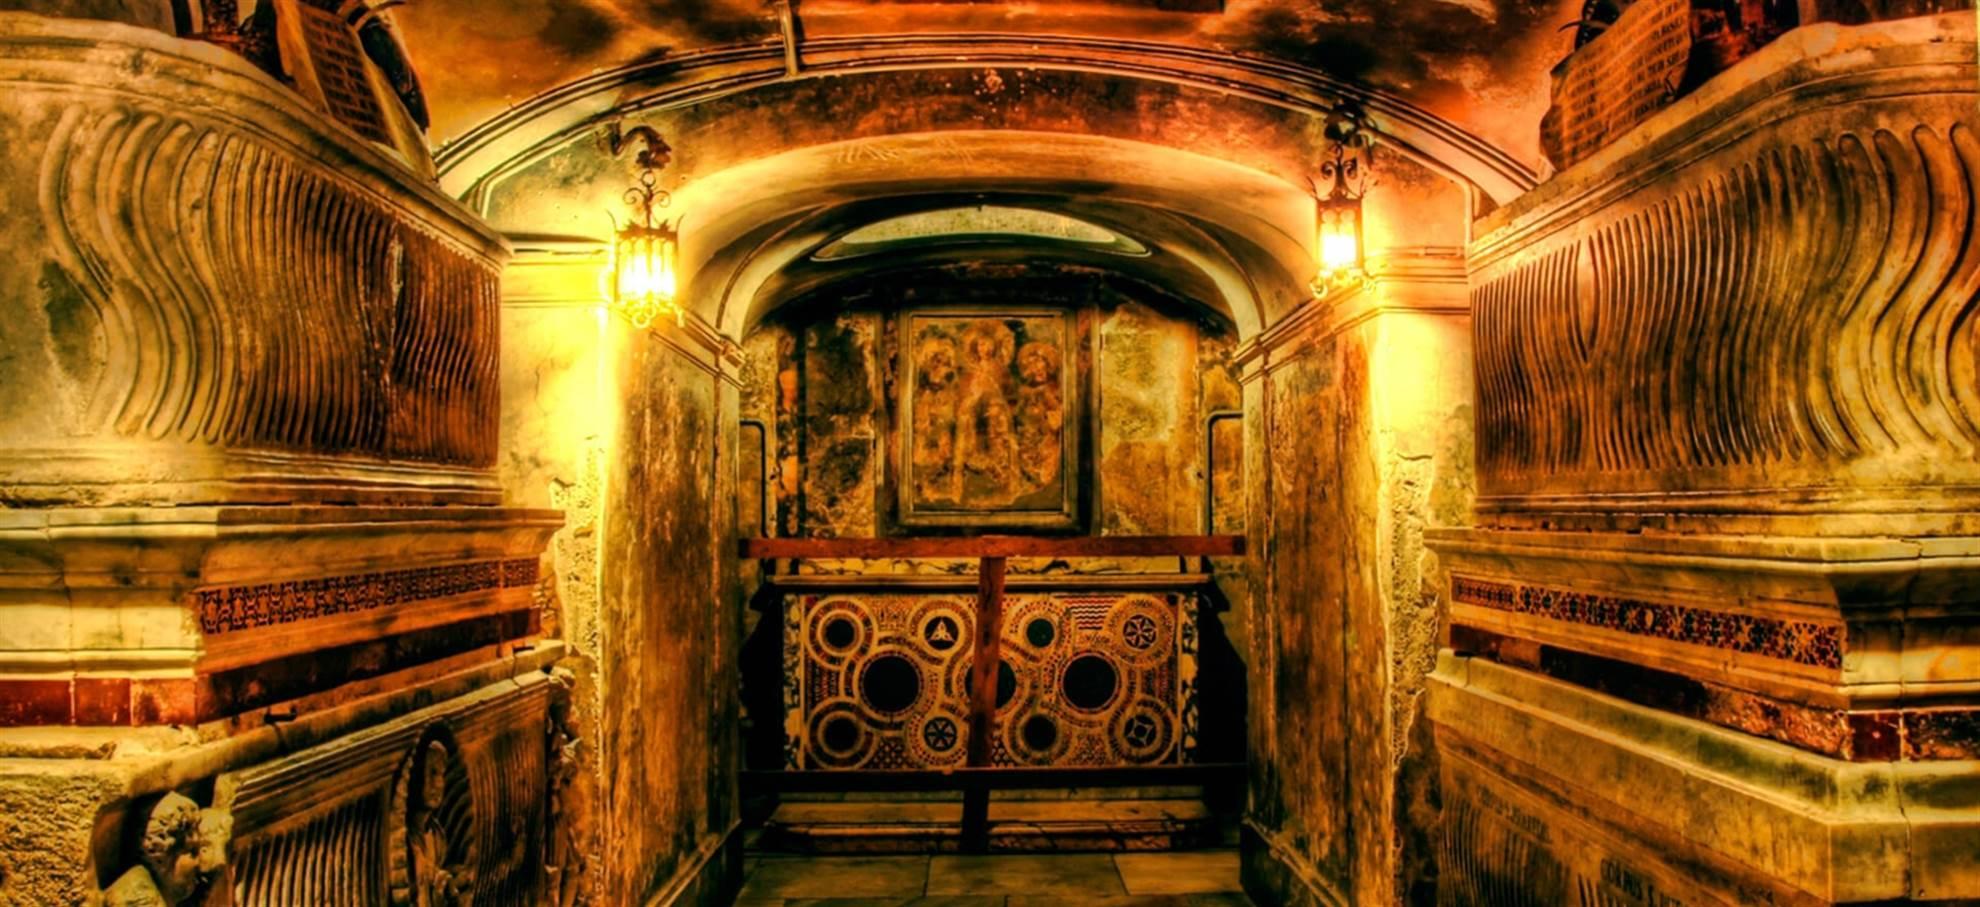 La nécropole du Vatican - Visite guidée en français!